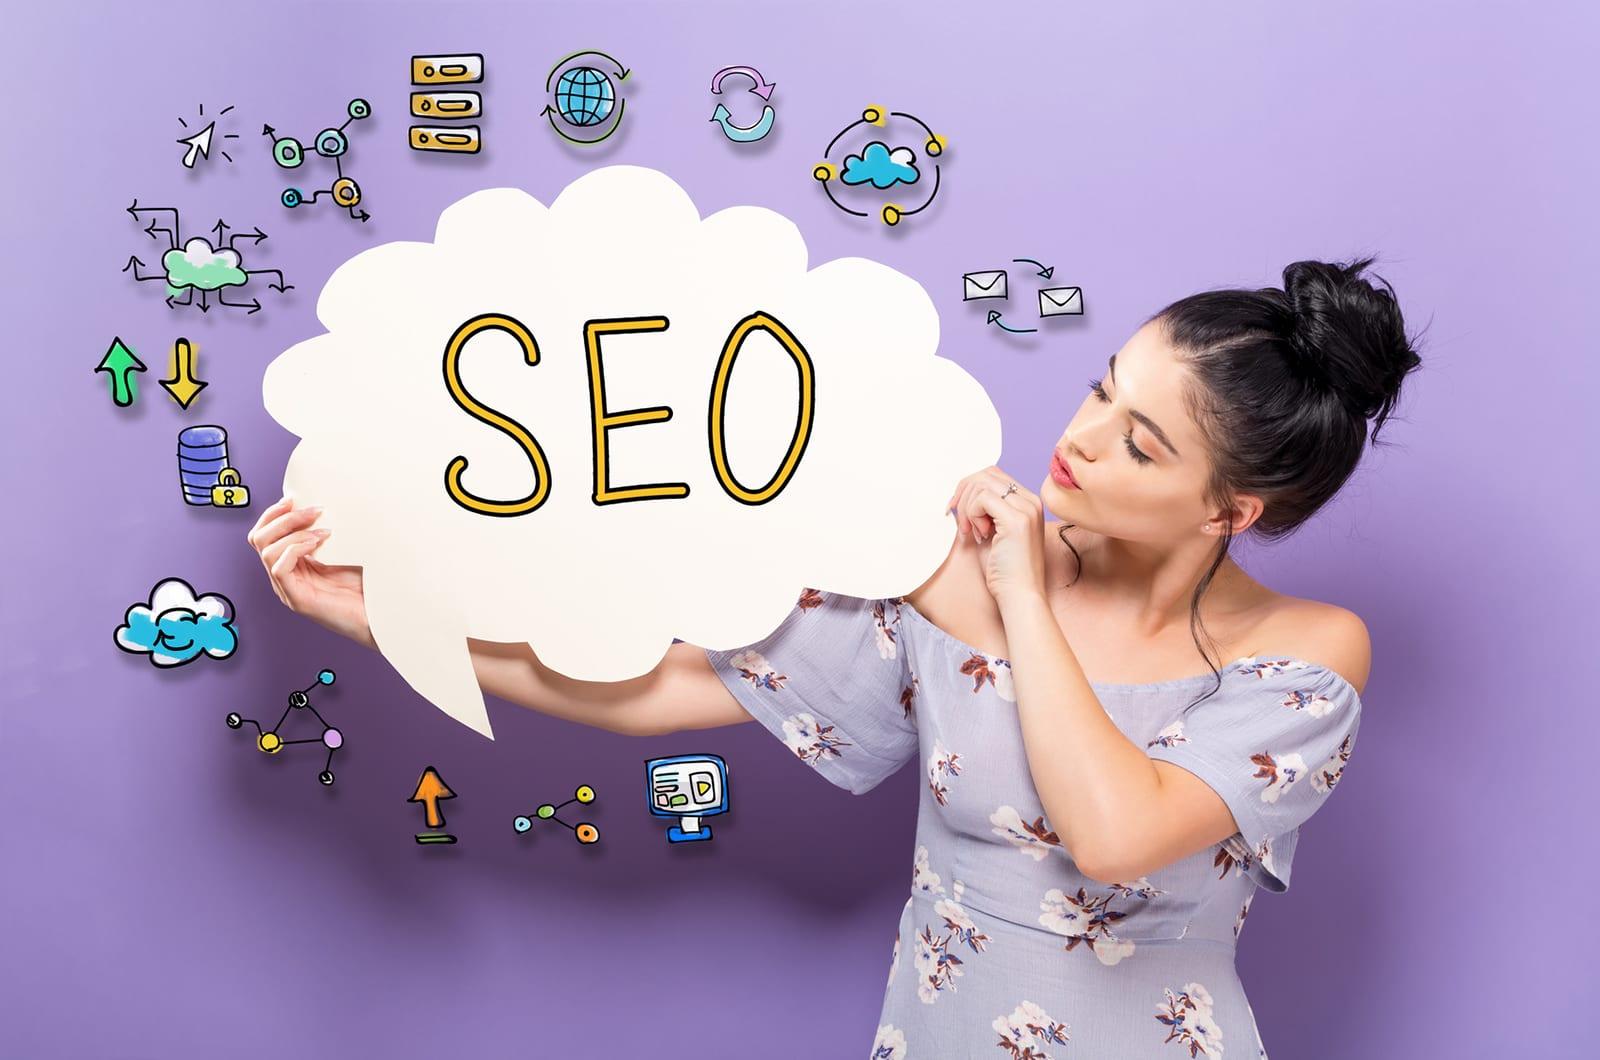 Co to jest SEO, jak działa wyszukiwarka Google, pozycjonowanie stron, search engine optimalization, optymalizacja pod kątem wyszukiwarek, co ma wpływ na pozycjonowanie - Kobieca Strona Biznesu